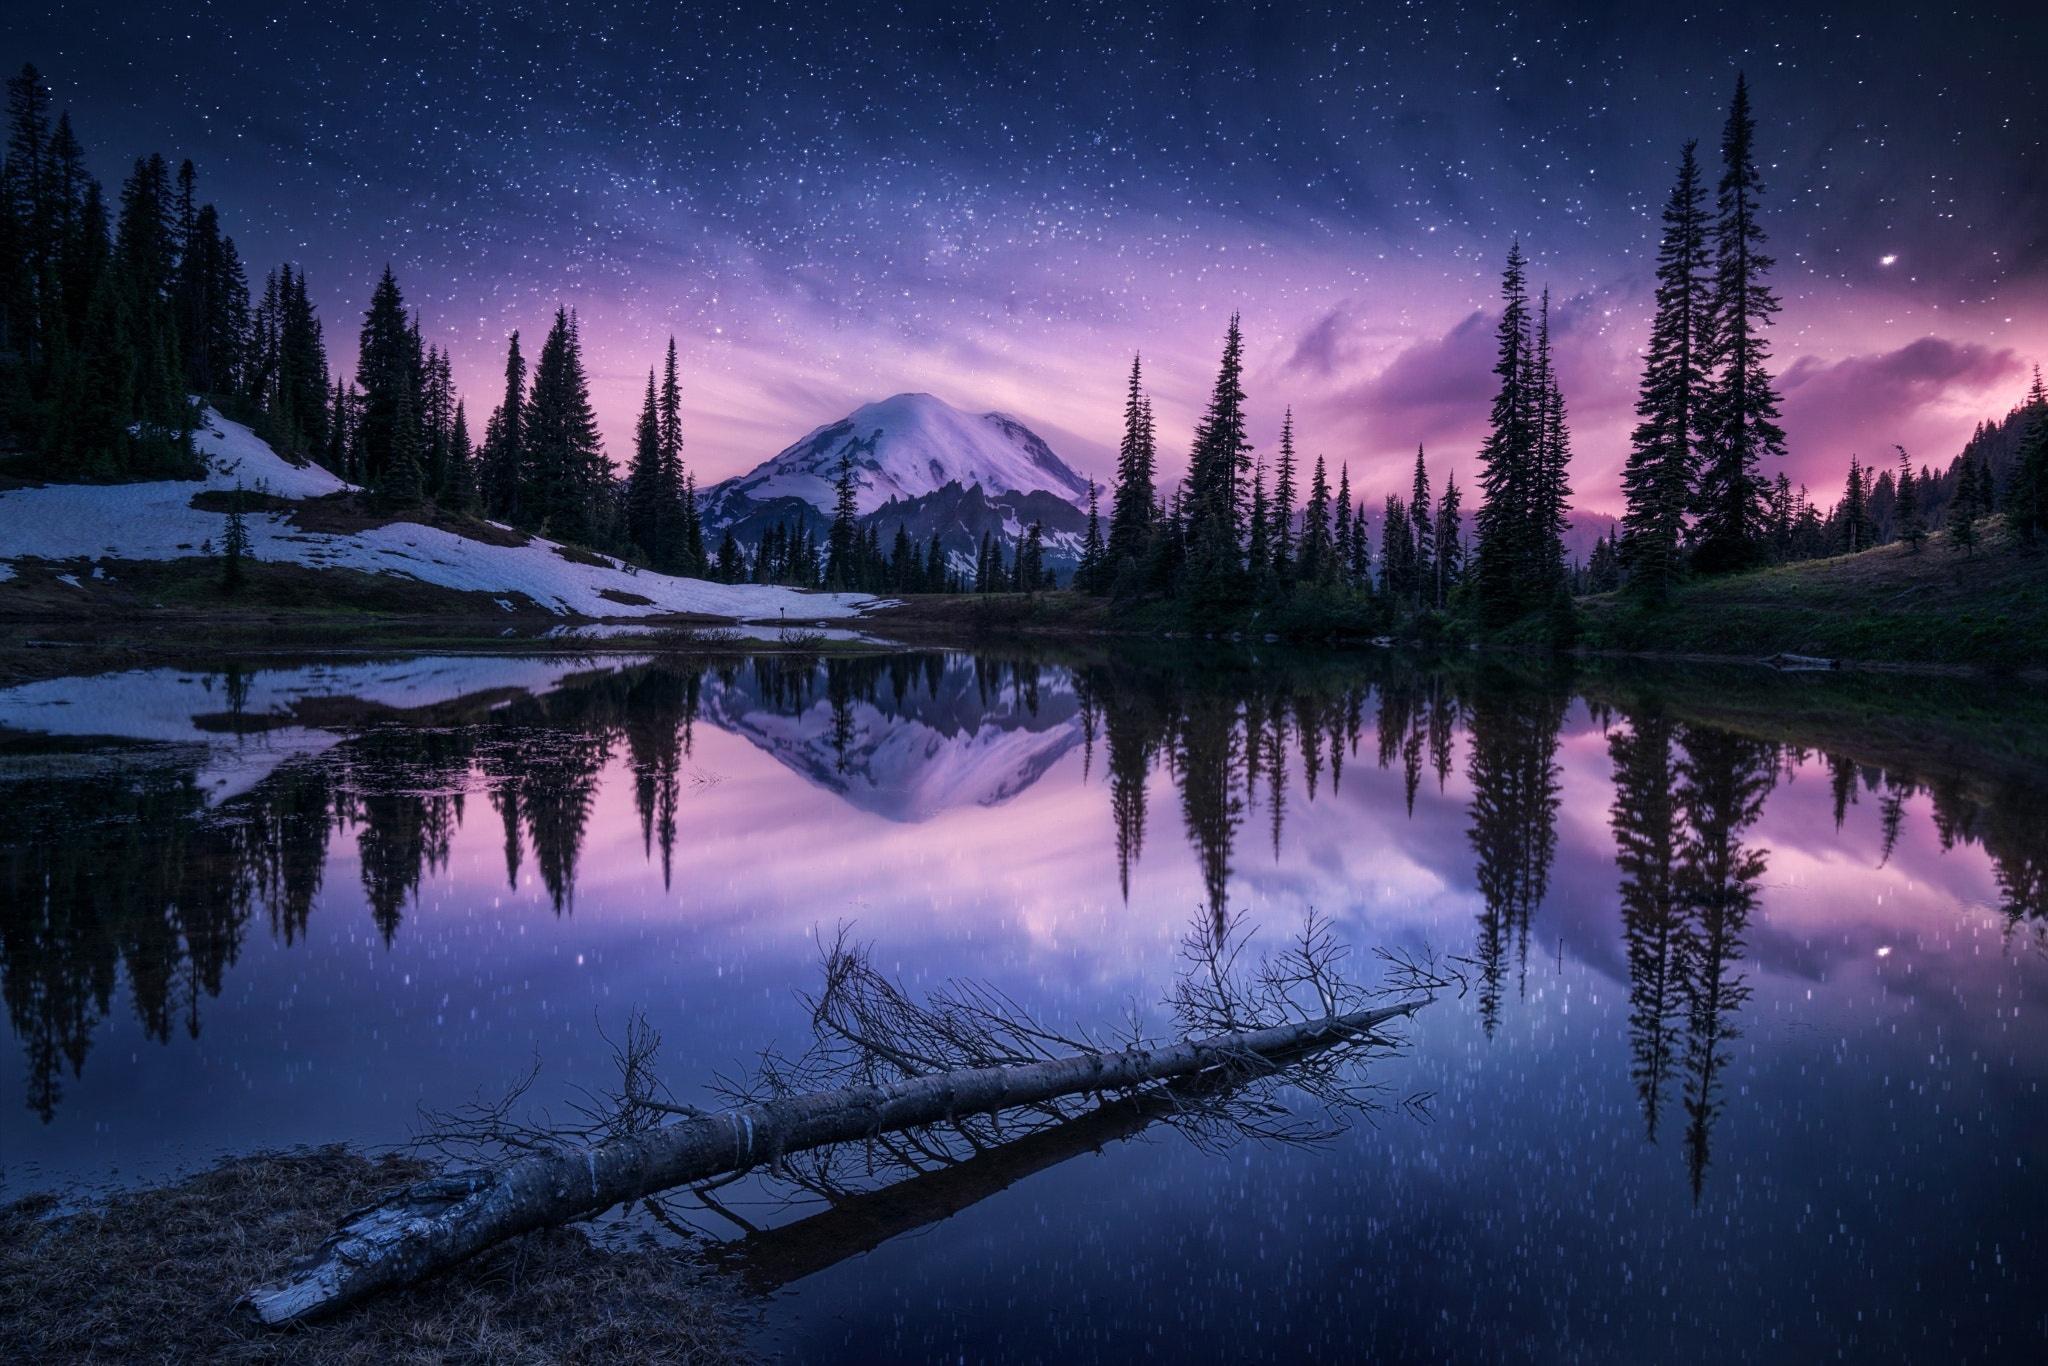 Lake Nature Night Reflection Wallpaper, HD Nature 4K ...